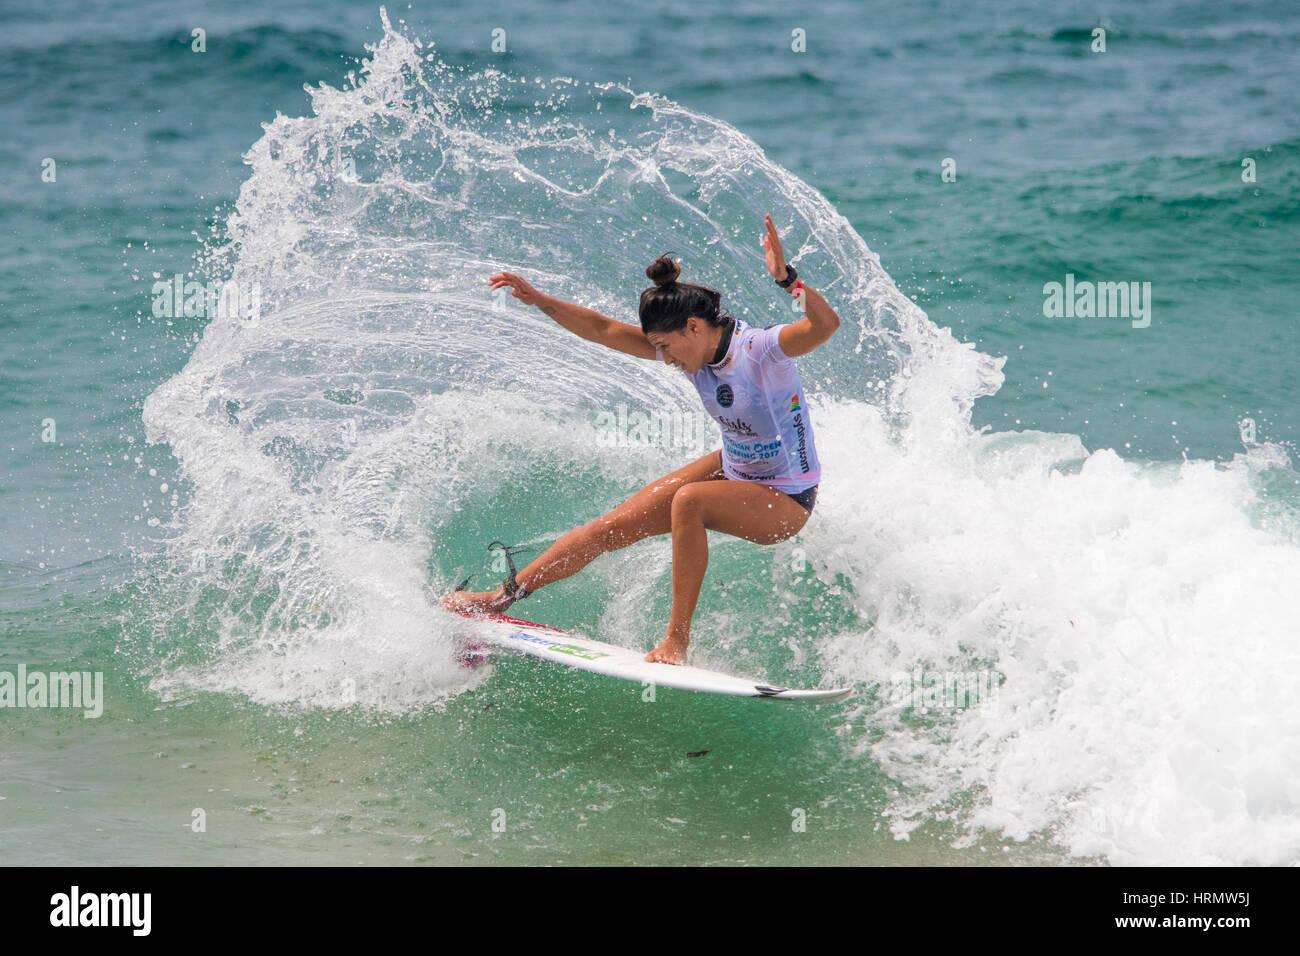 Sydney, Austrália - 3 de Março 2017: Australian Open de Surf evento desportivo no Manly Beach, Austrália Imagens de Stock